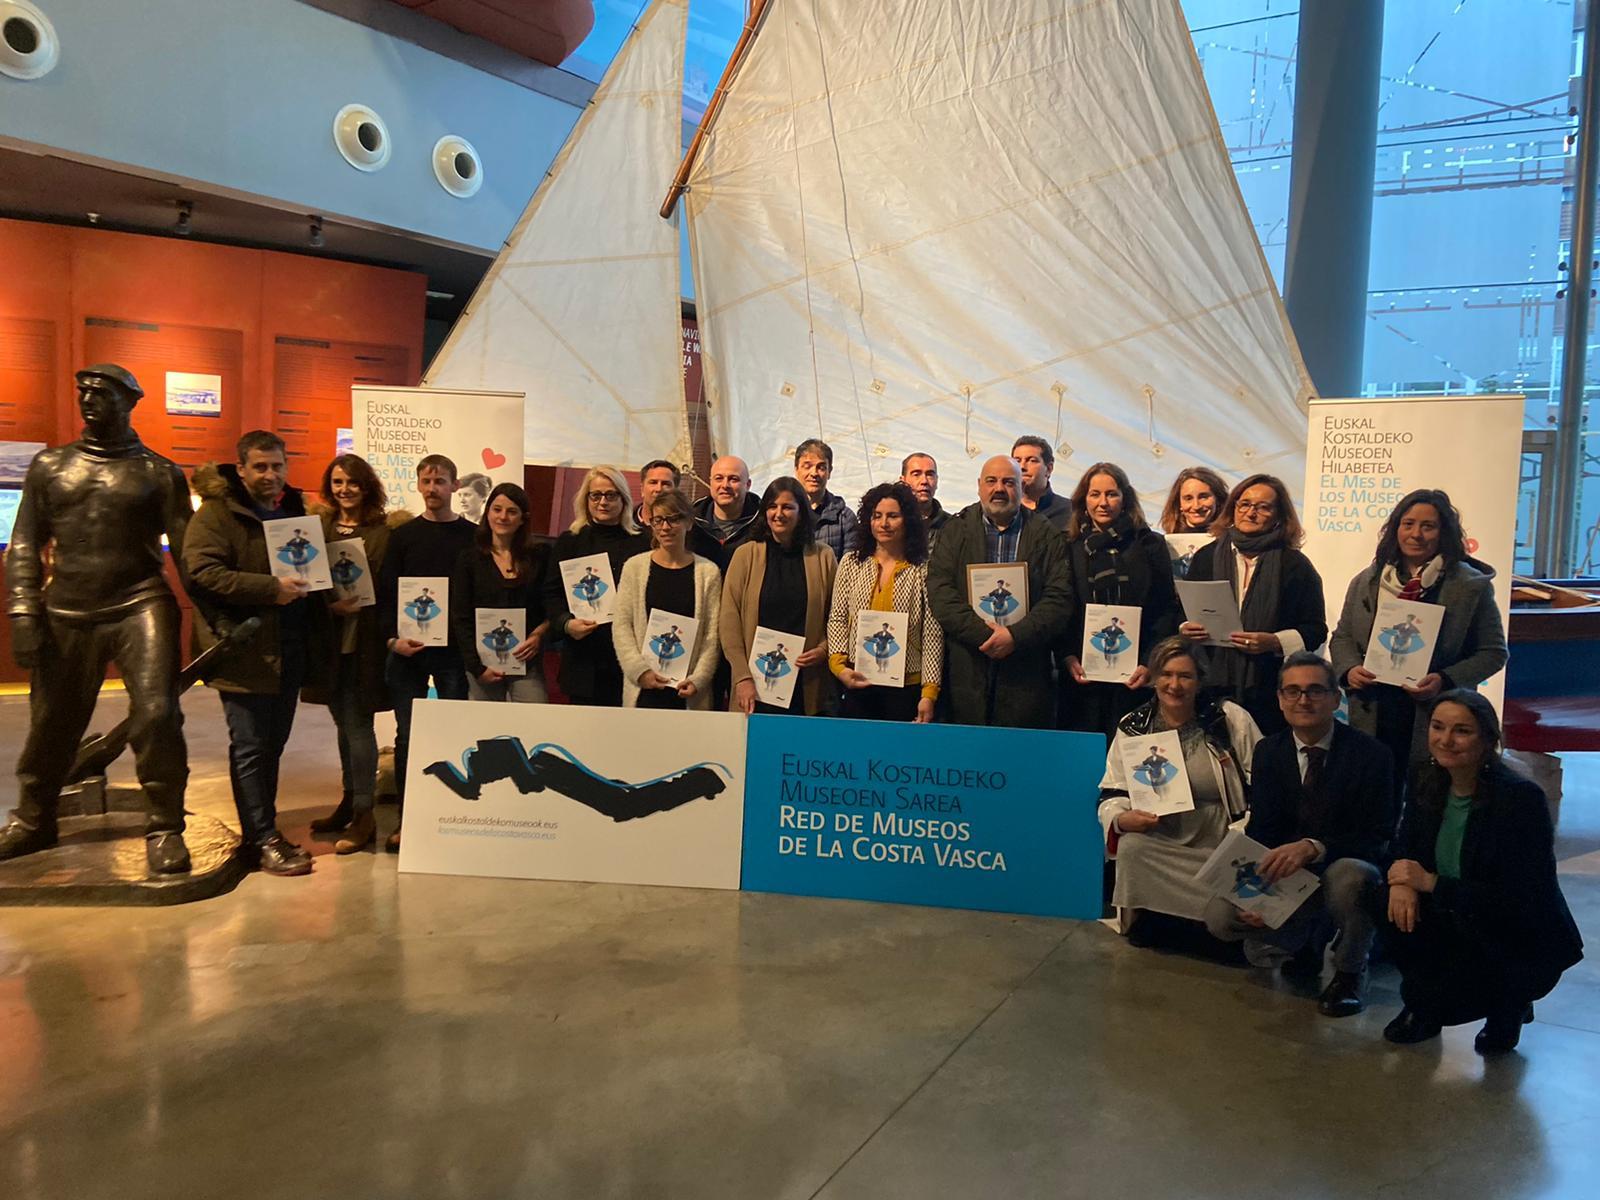 Euskal Kostaldeko Museoen hilabetea 2020